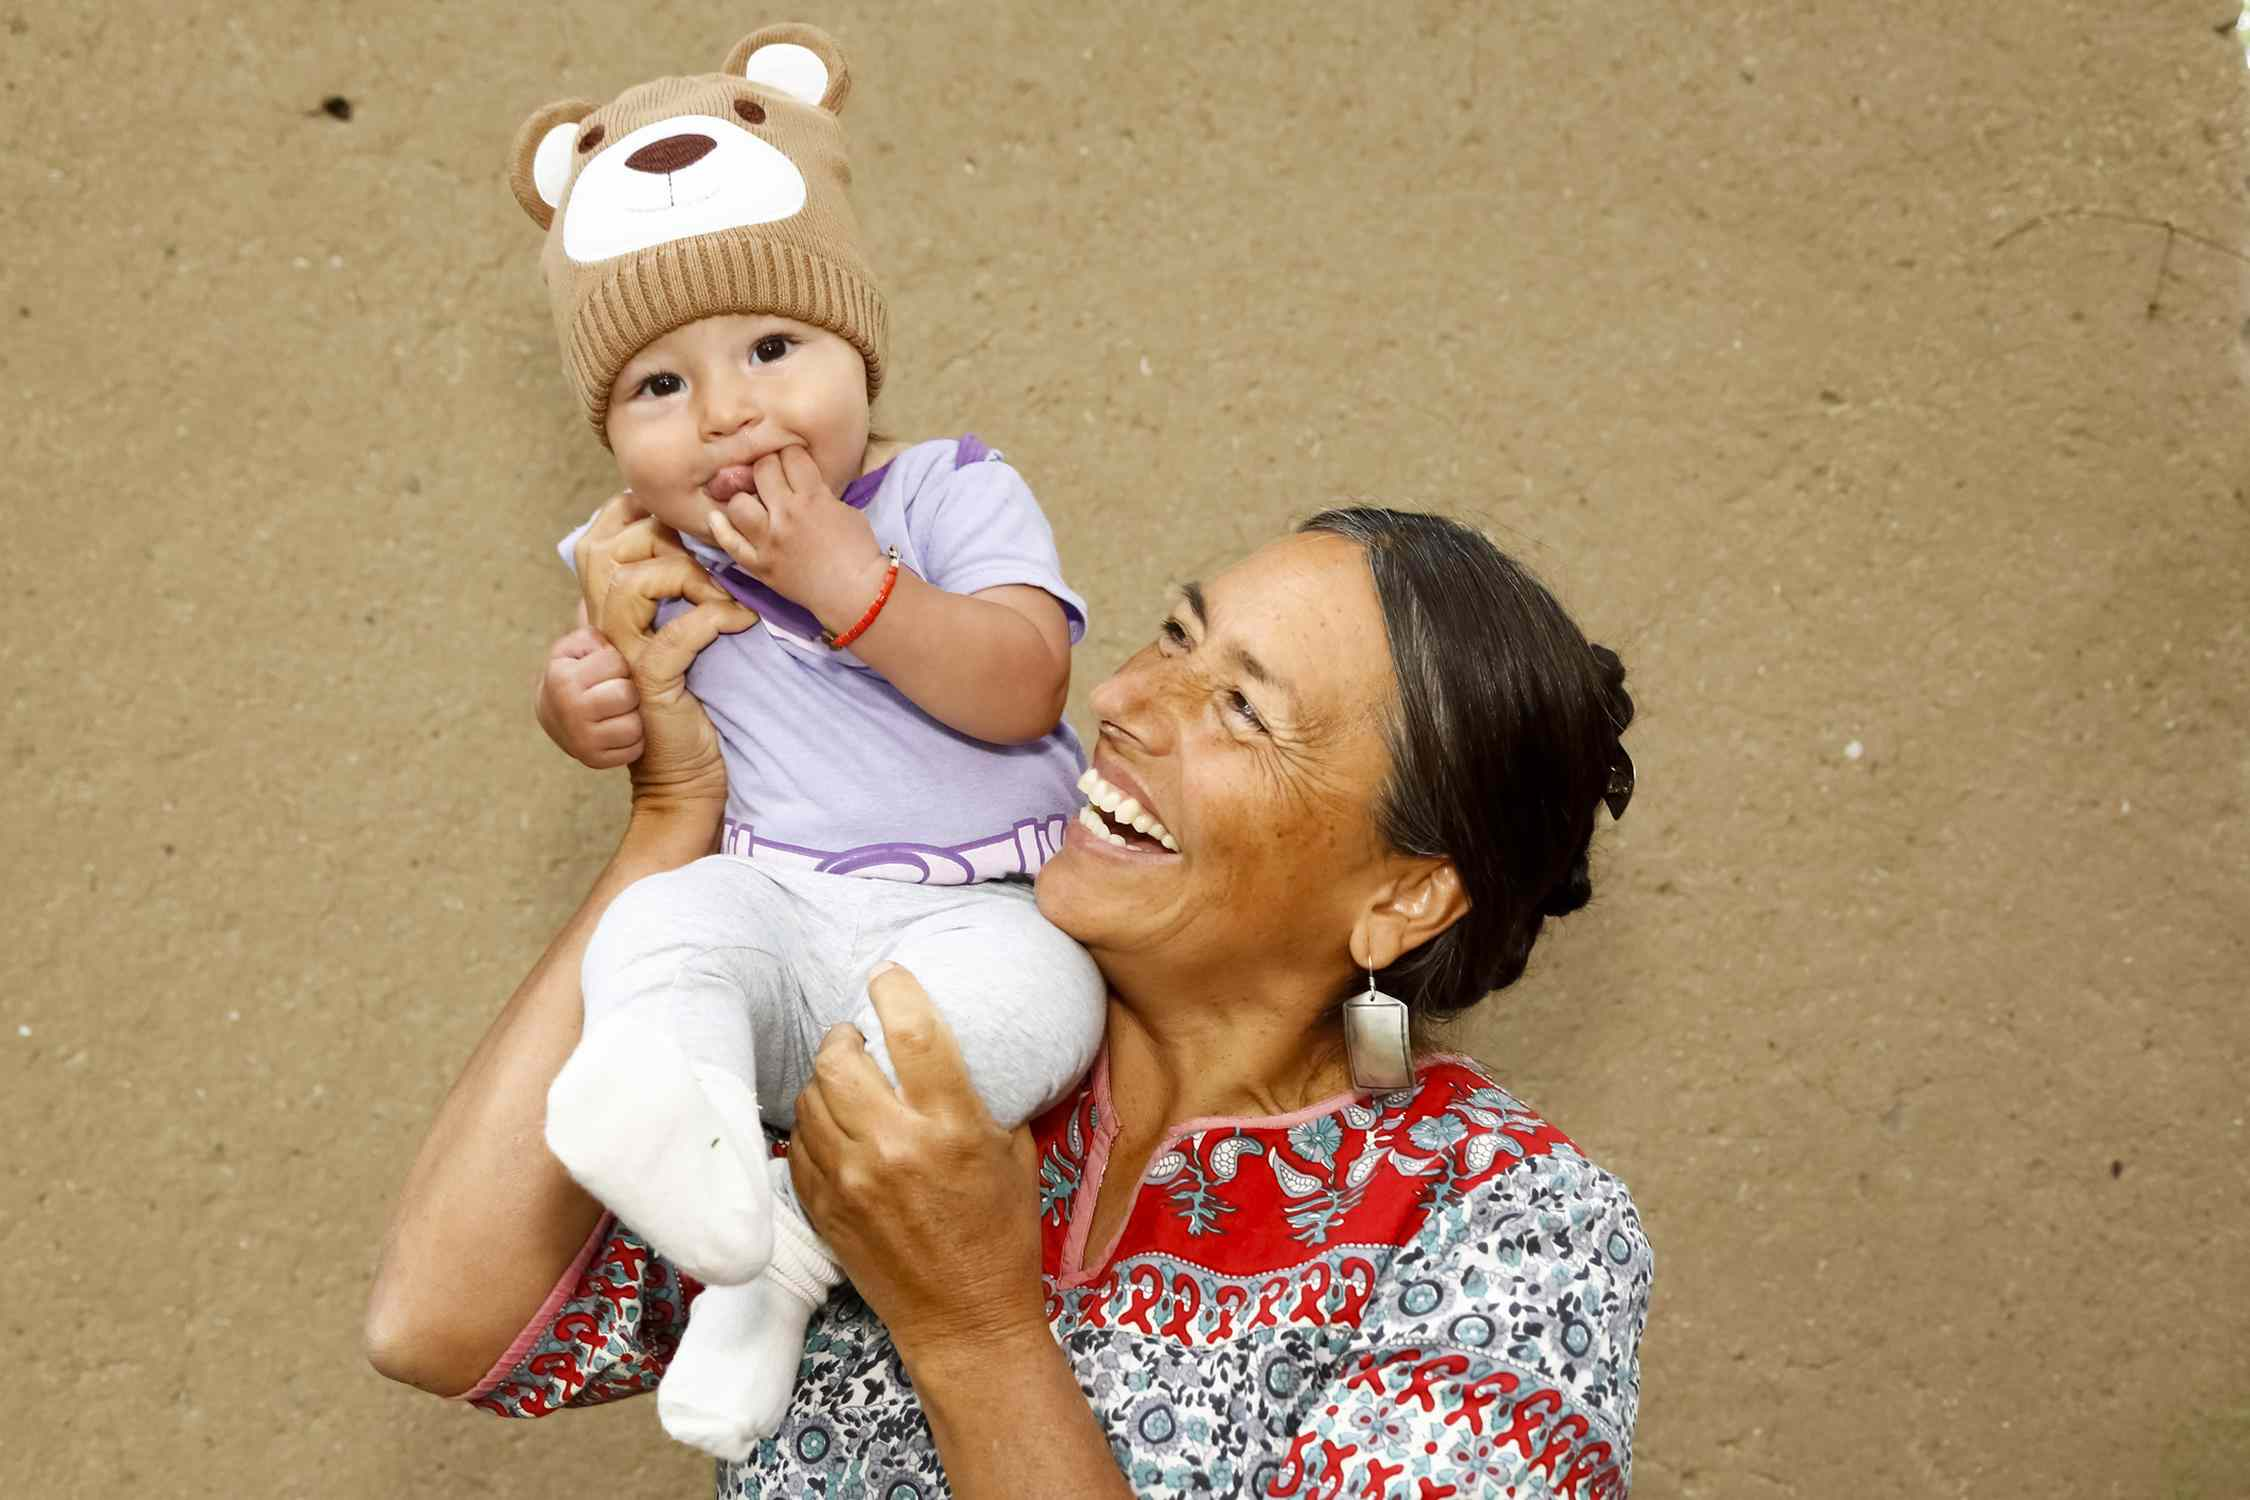 Ein Bild von einer Mutter mit einem Baby